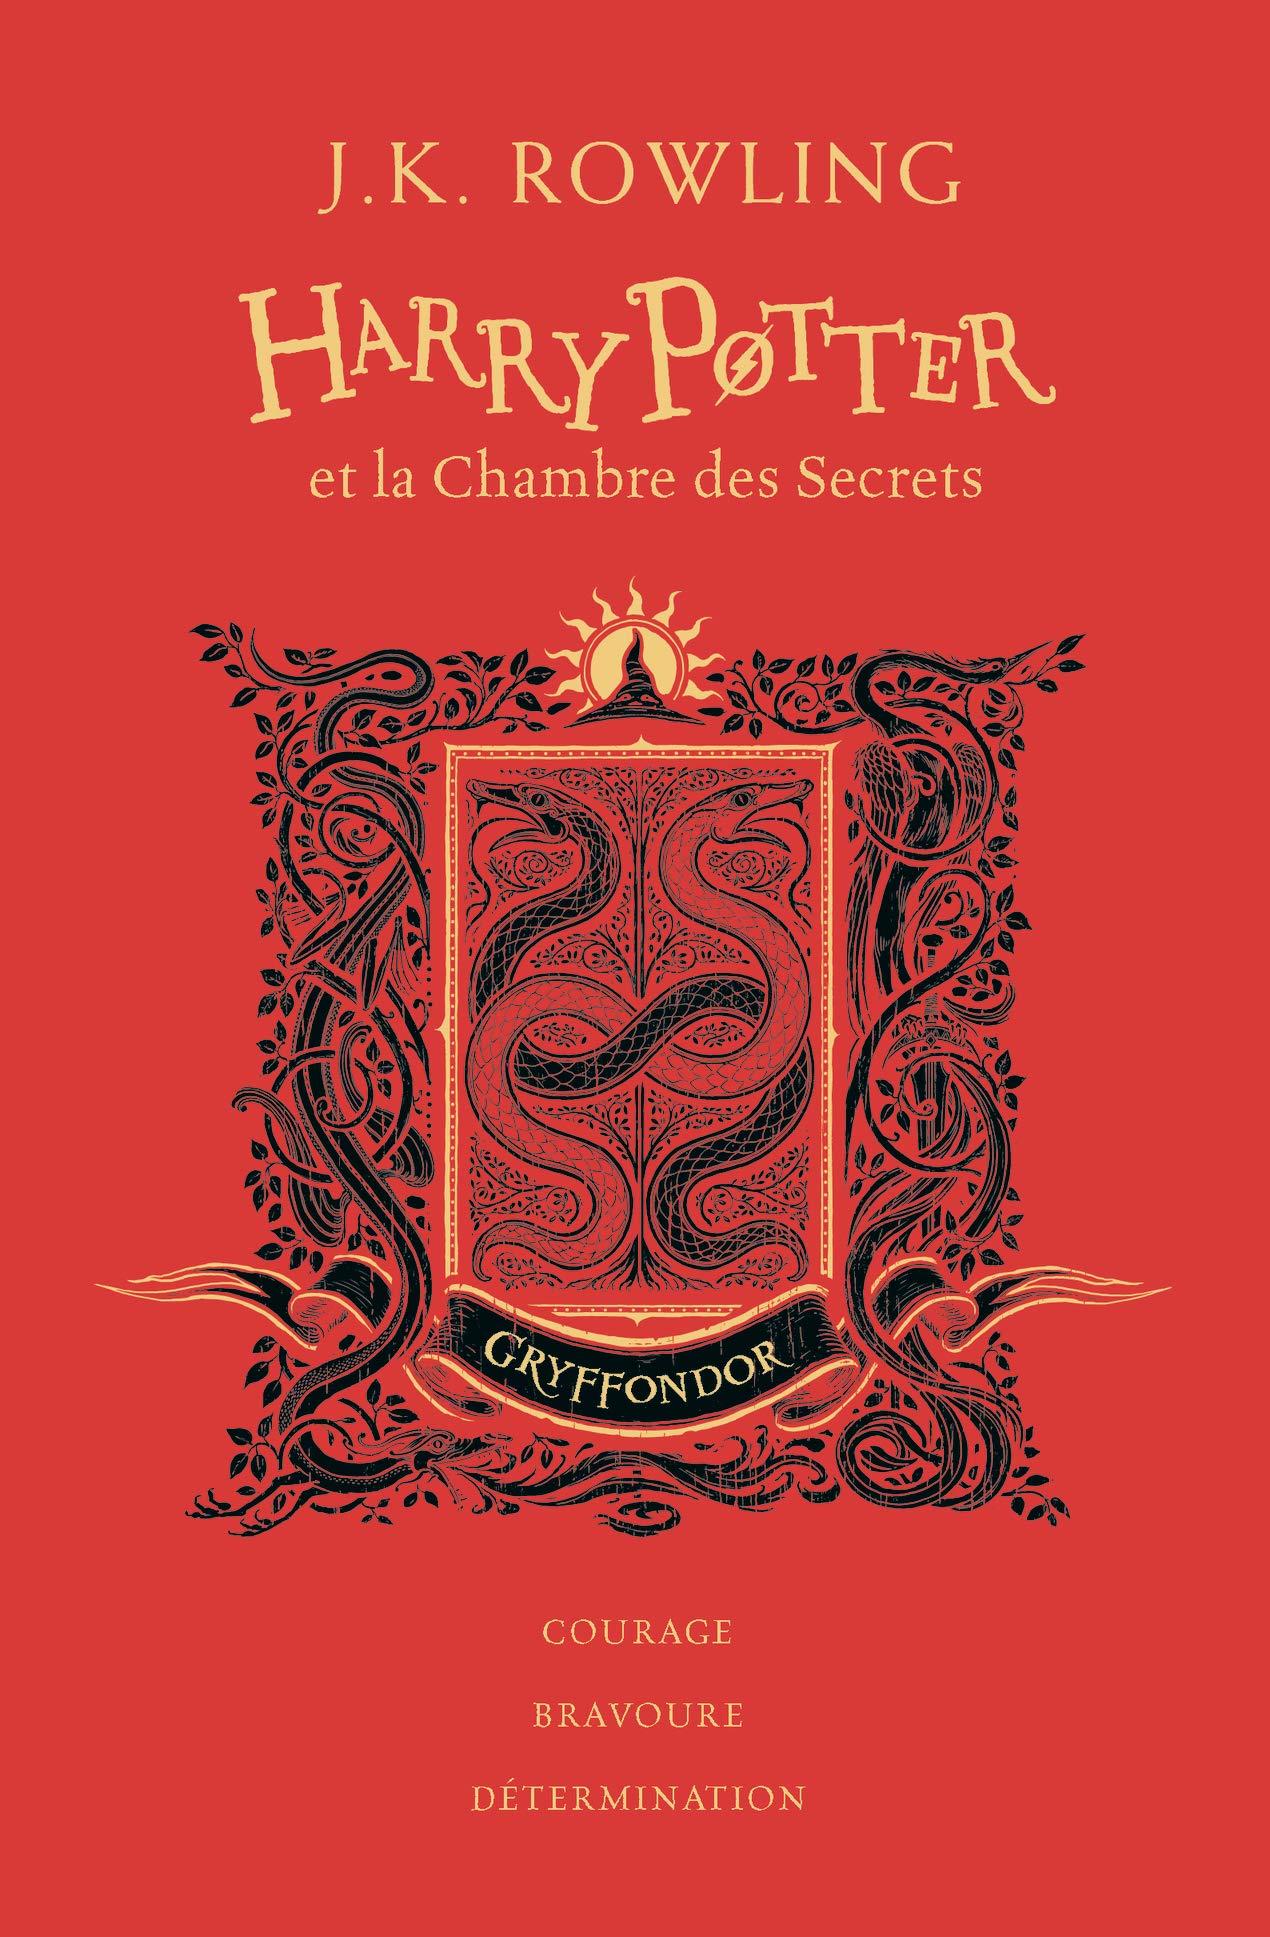 Couvertures de Harry Potter 2, édition 4 maisons chez Gallimard !